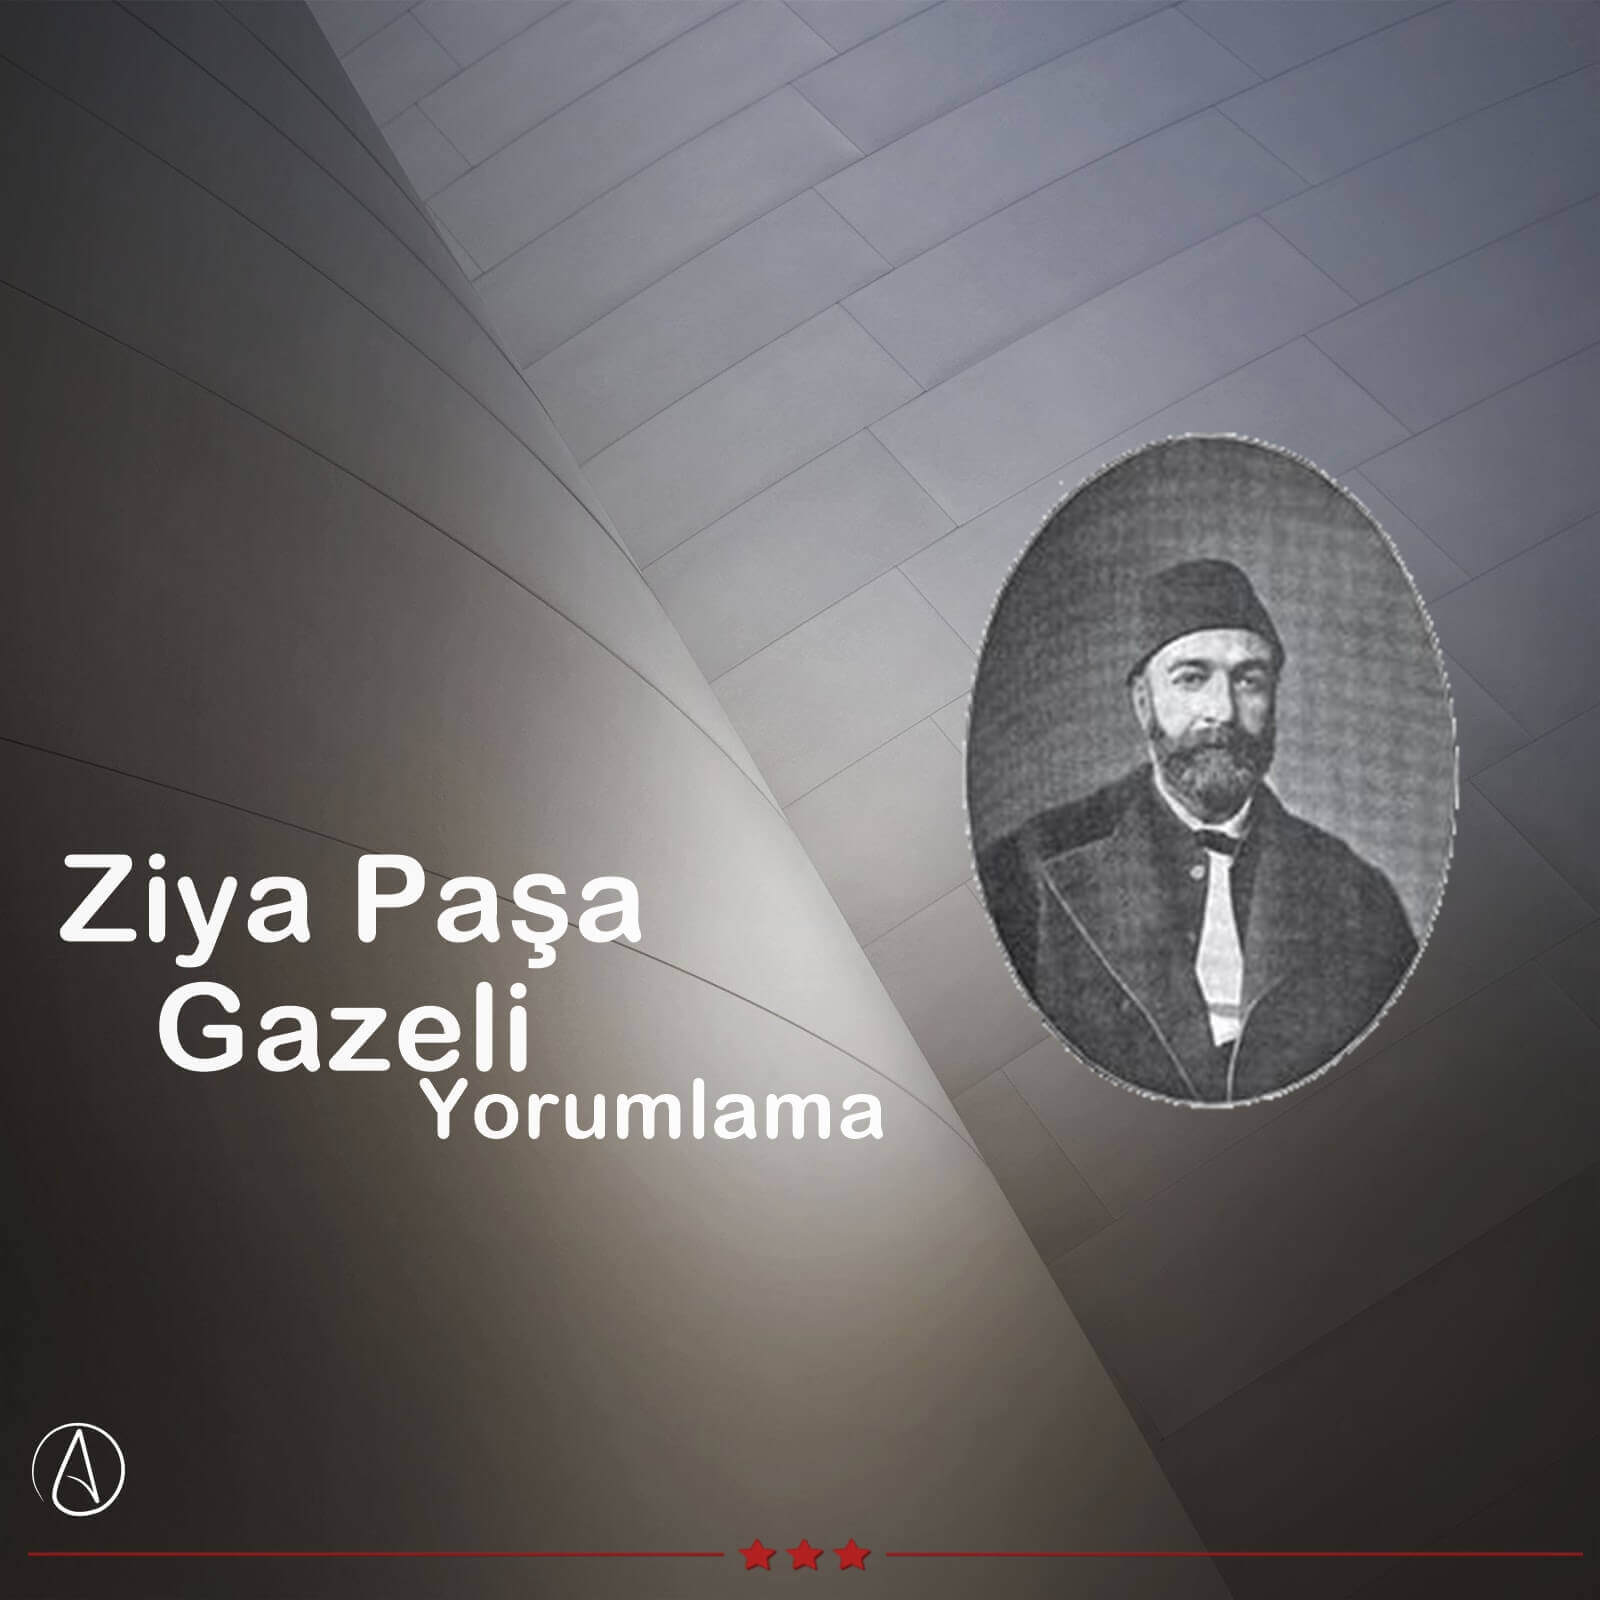 Ziya Paşa Gazeli Yorumlama